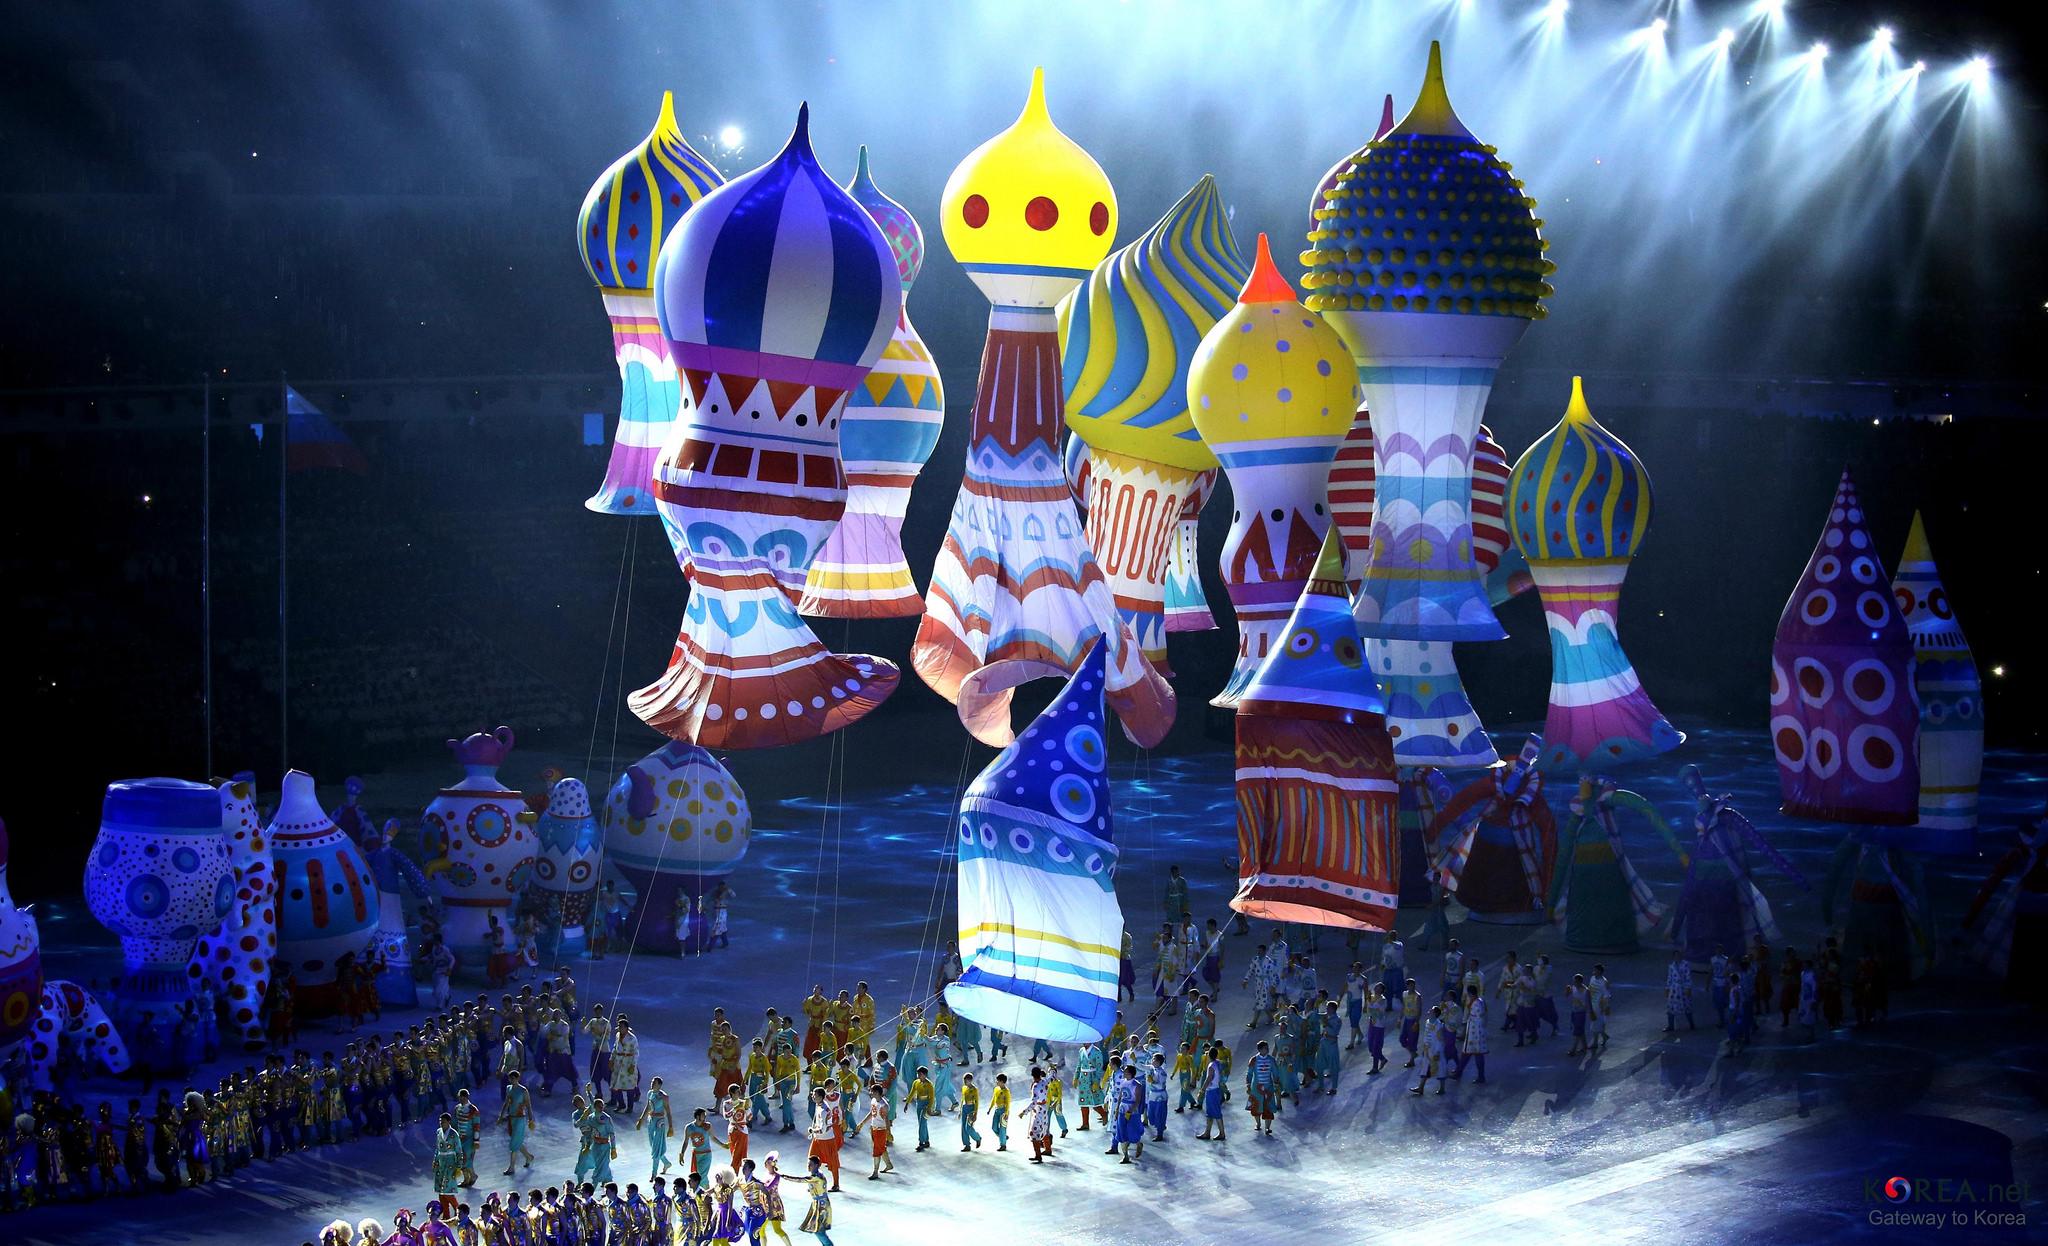 Олимпиада в Сочи открытие олимпиады районы проведения  Представление в Сочи